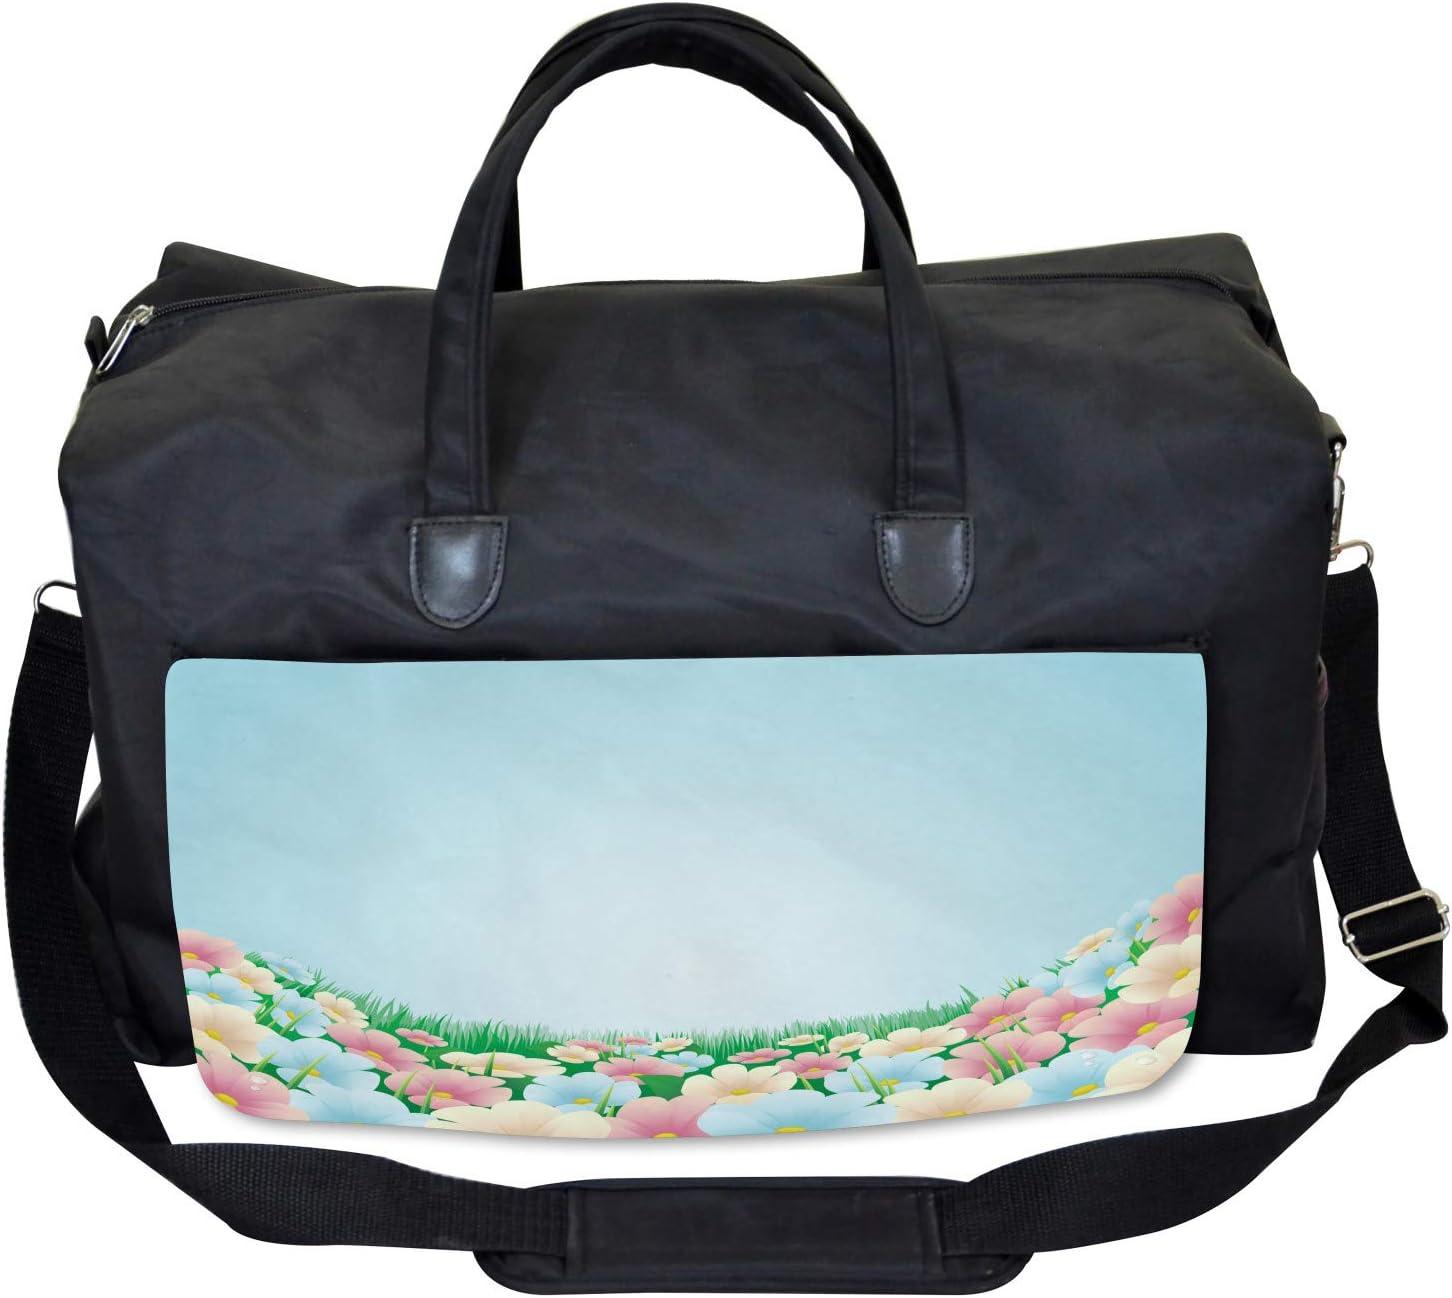 Meadow Daisies Pansies Ambesonne Garden Gym Bag Large Weekender Carry-on